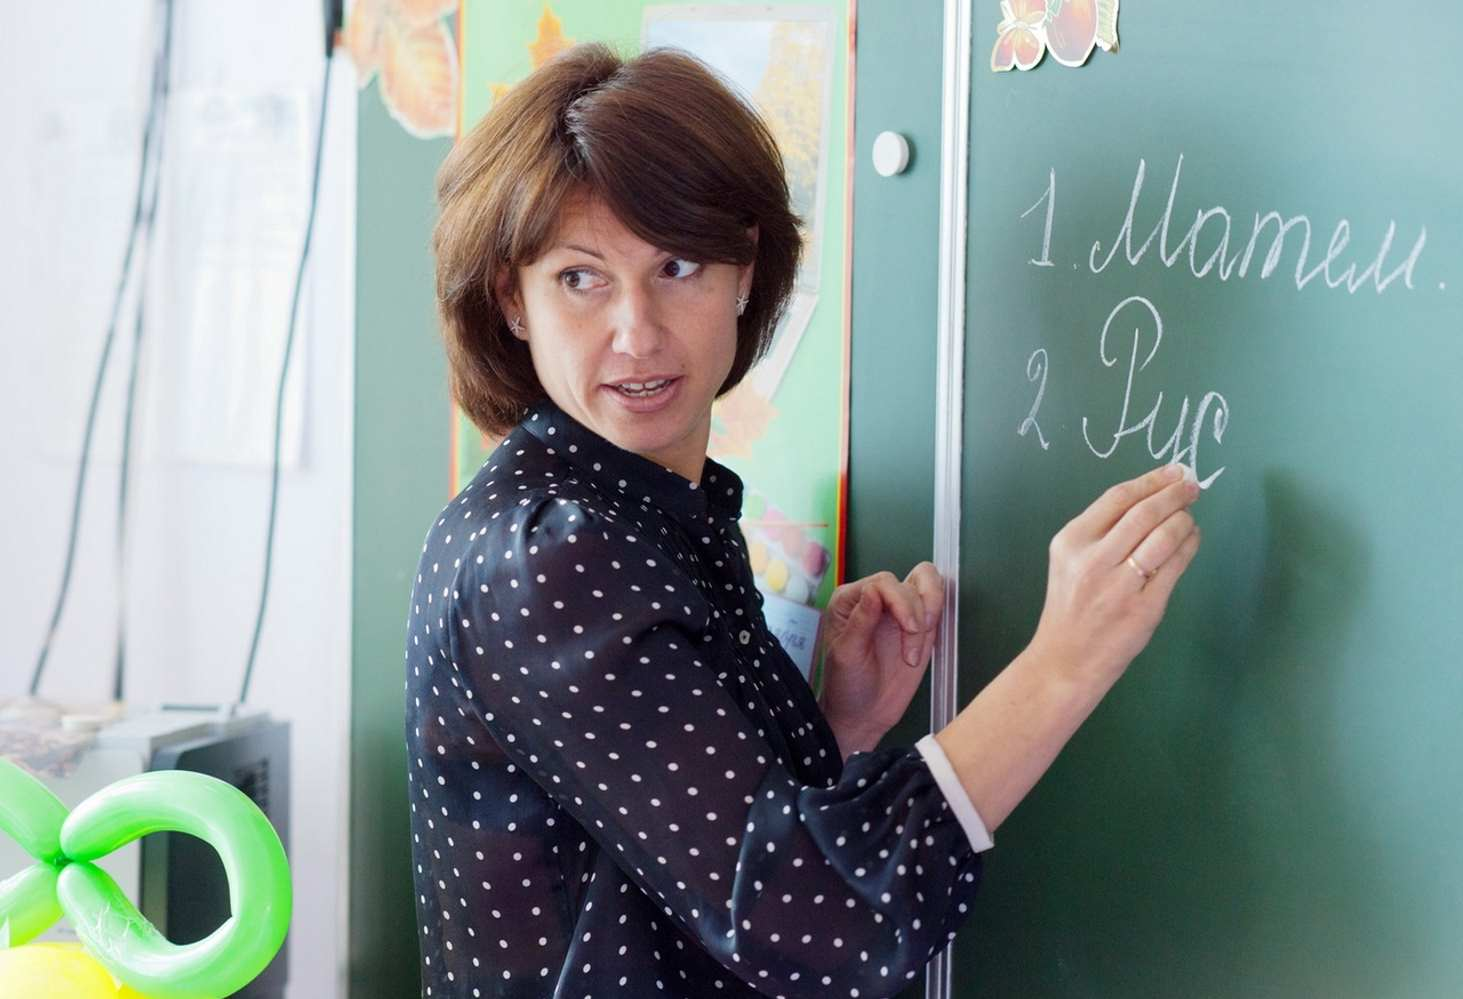 profsoyuz-uchitel-prizval-pedagogov-podderzhat-zakonoproekt-2-mrot-za-stavku